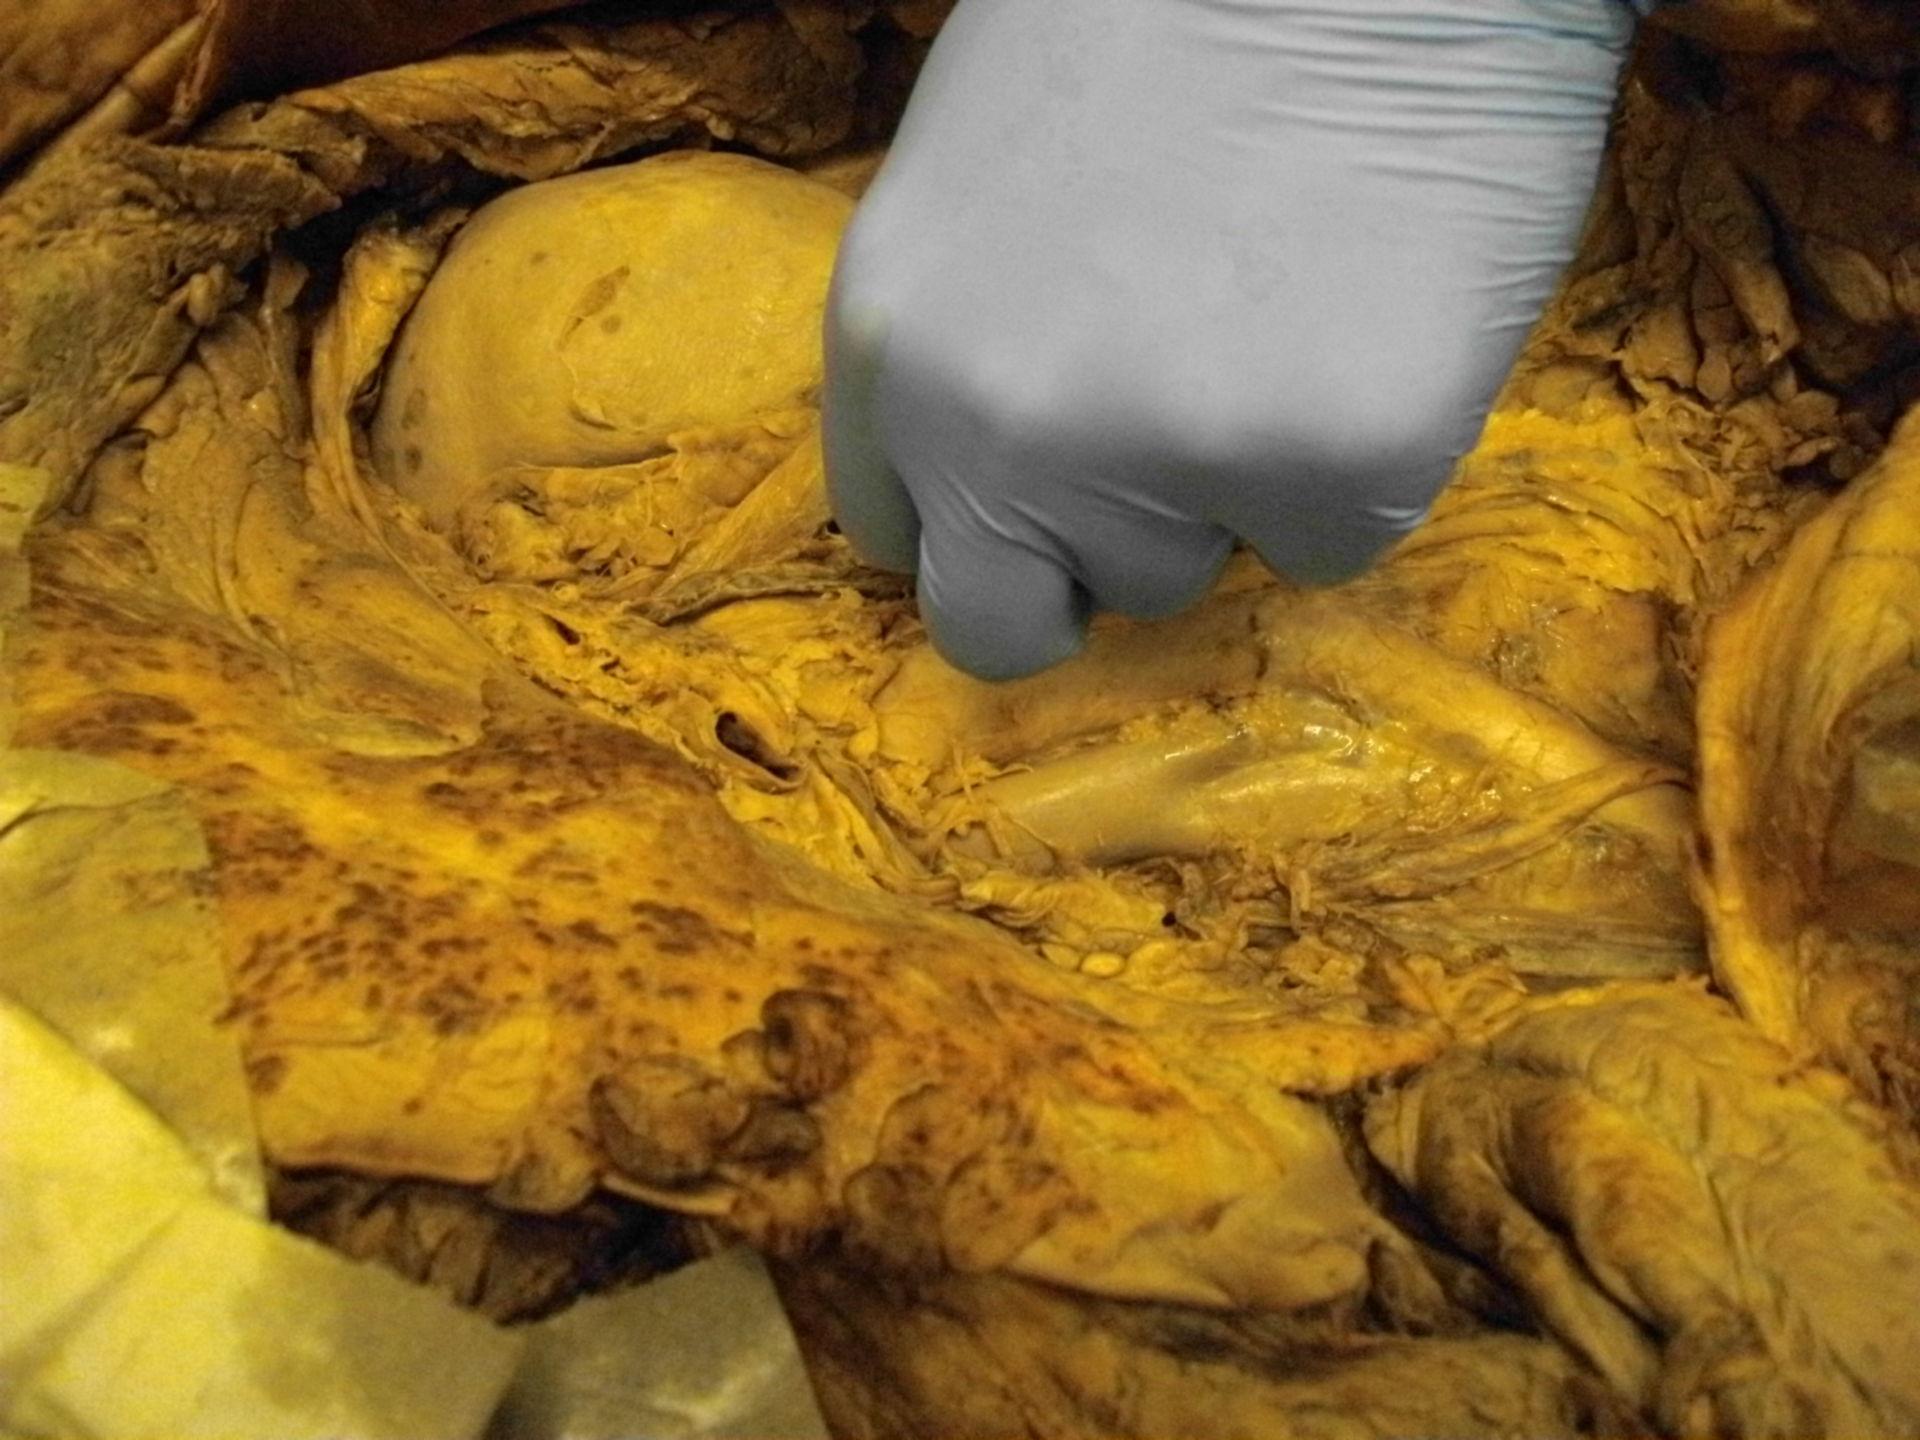 Kidney in situ